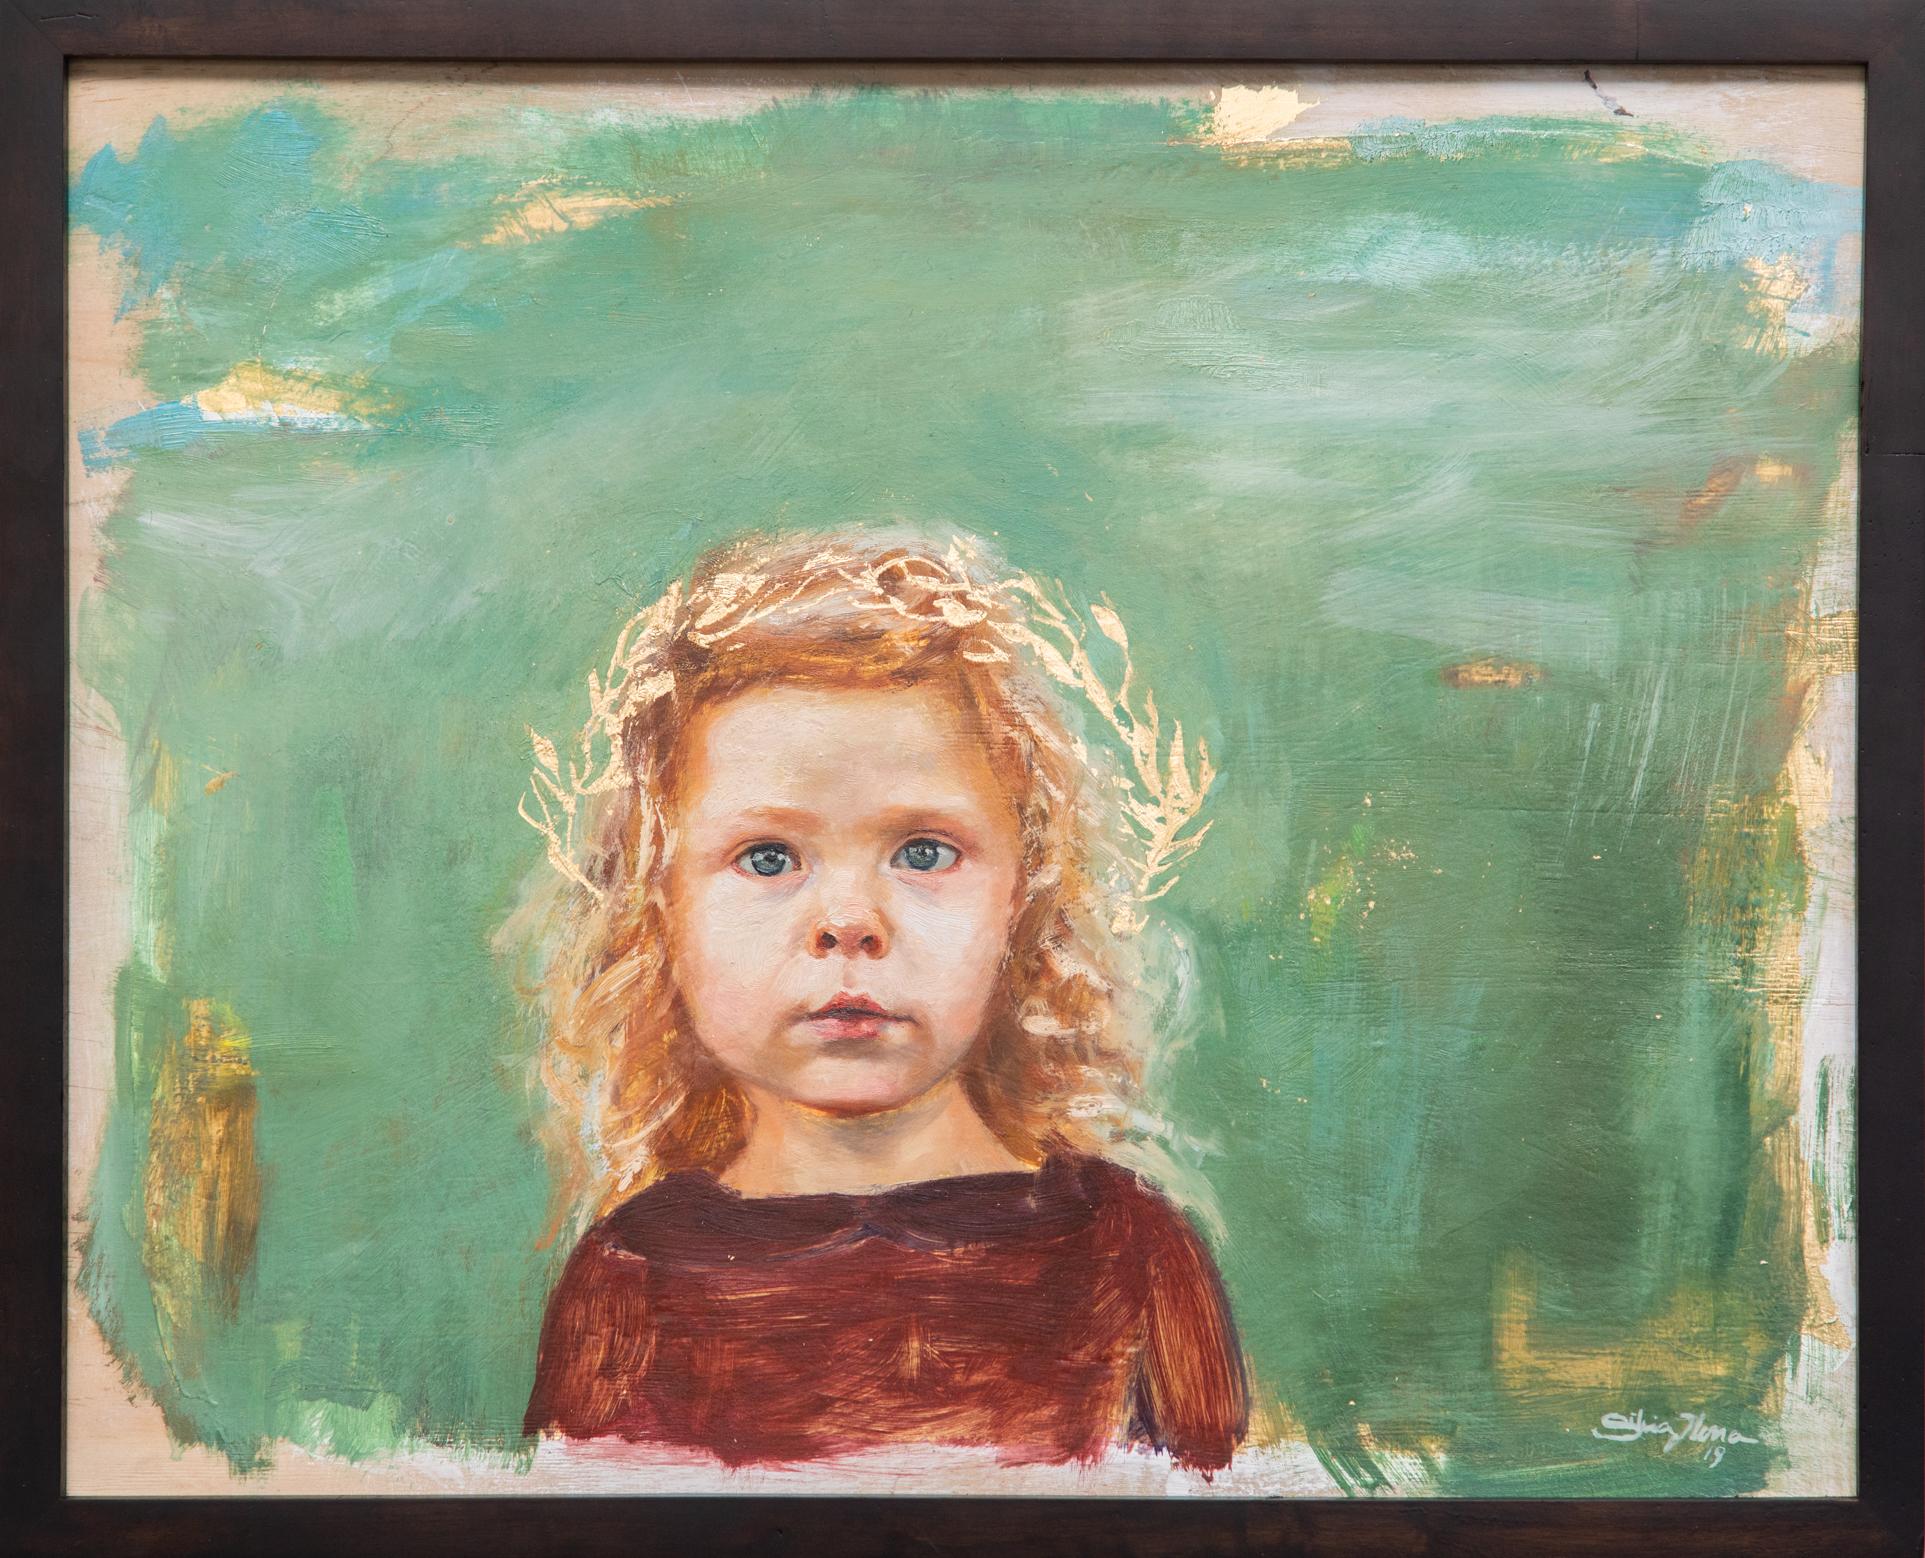 """""""RIVER"""", Oil and gold leaf on wood, Silvia Ilona Klatt, 16x20"""", 2018"""